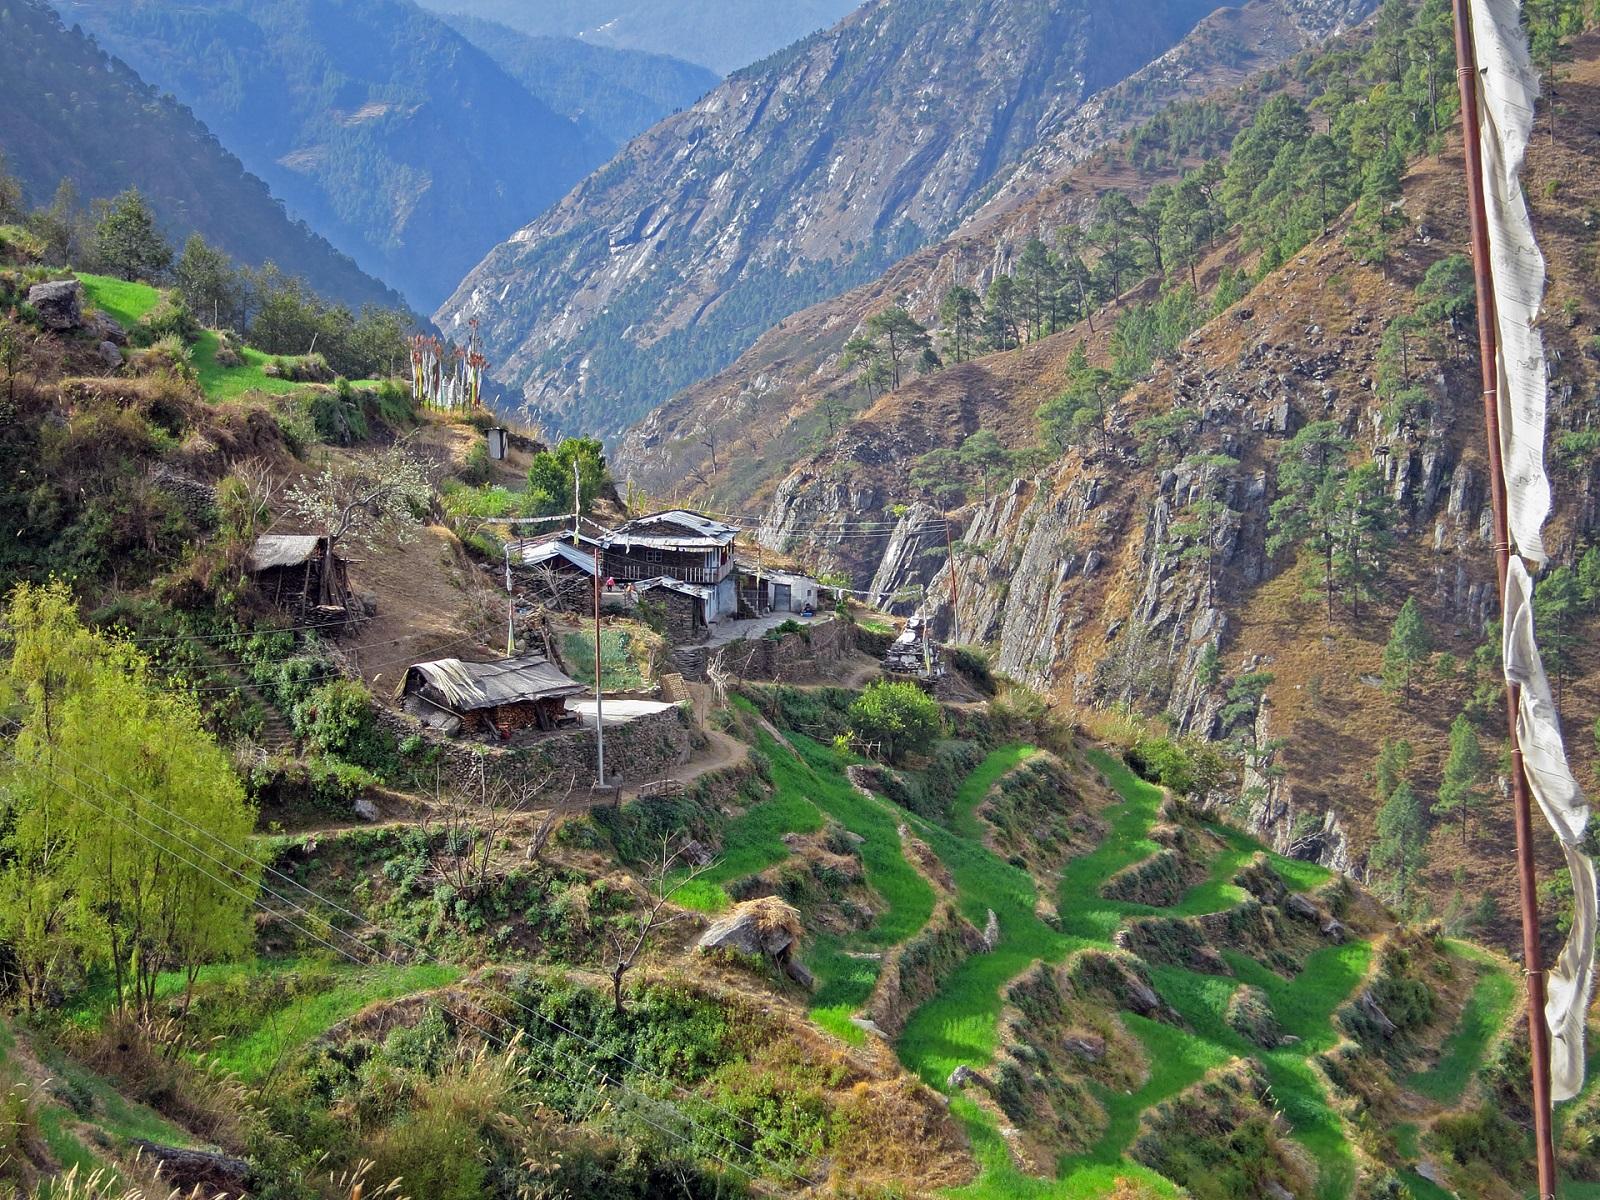 Ling Ling -kylä sijaitsee Tamang Heritage Trail -vaellusreitin varrella.